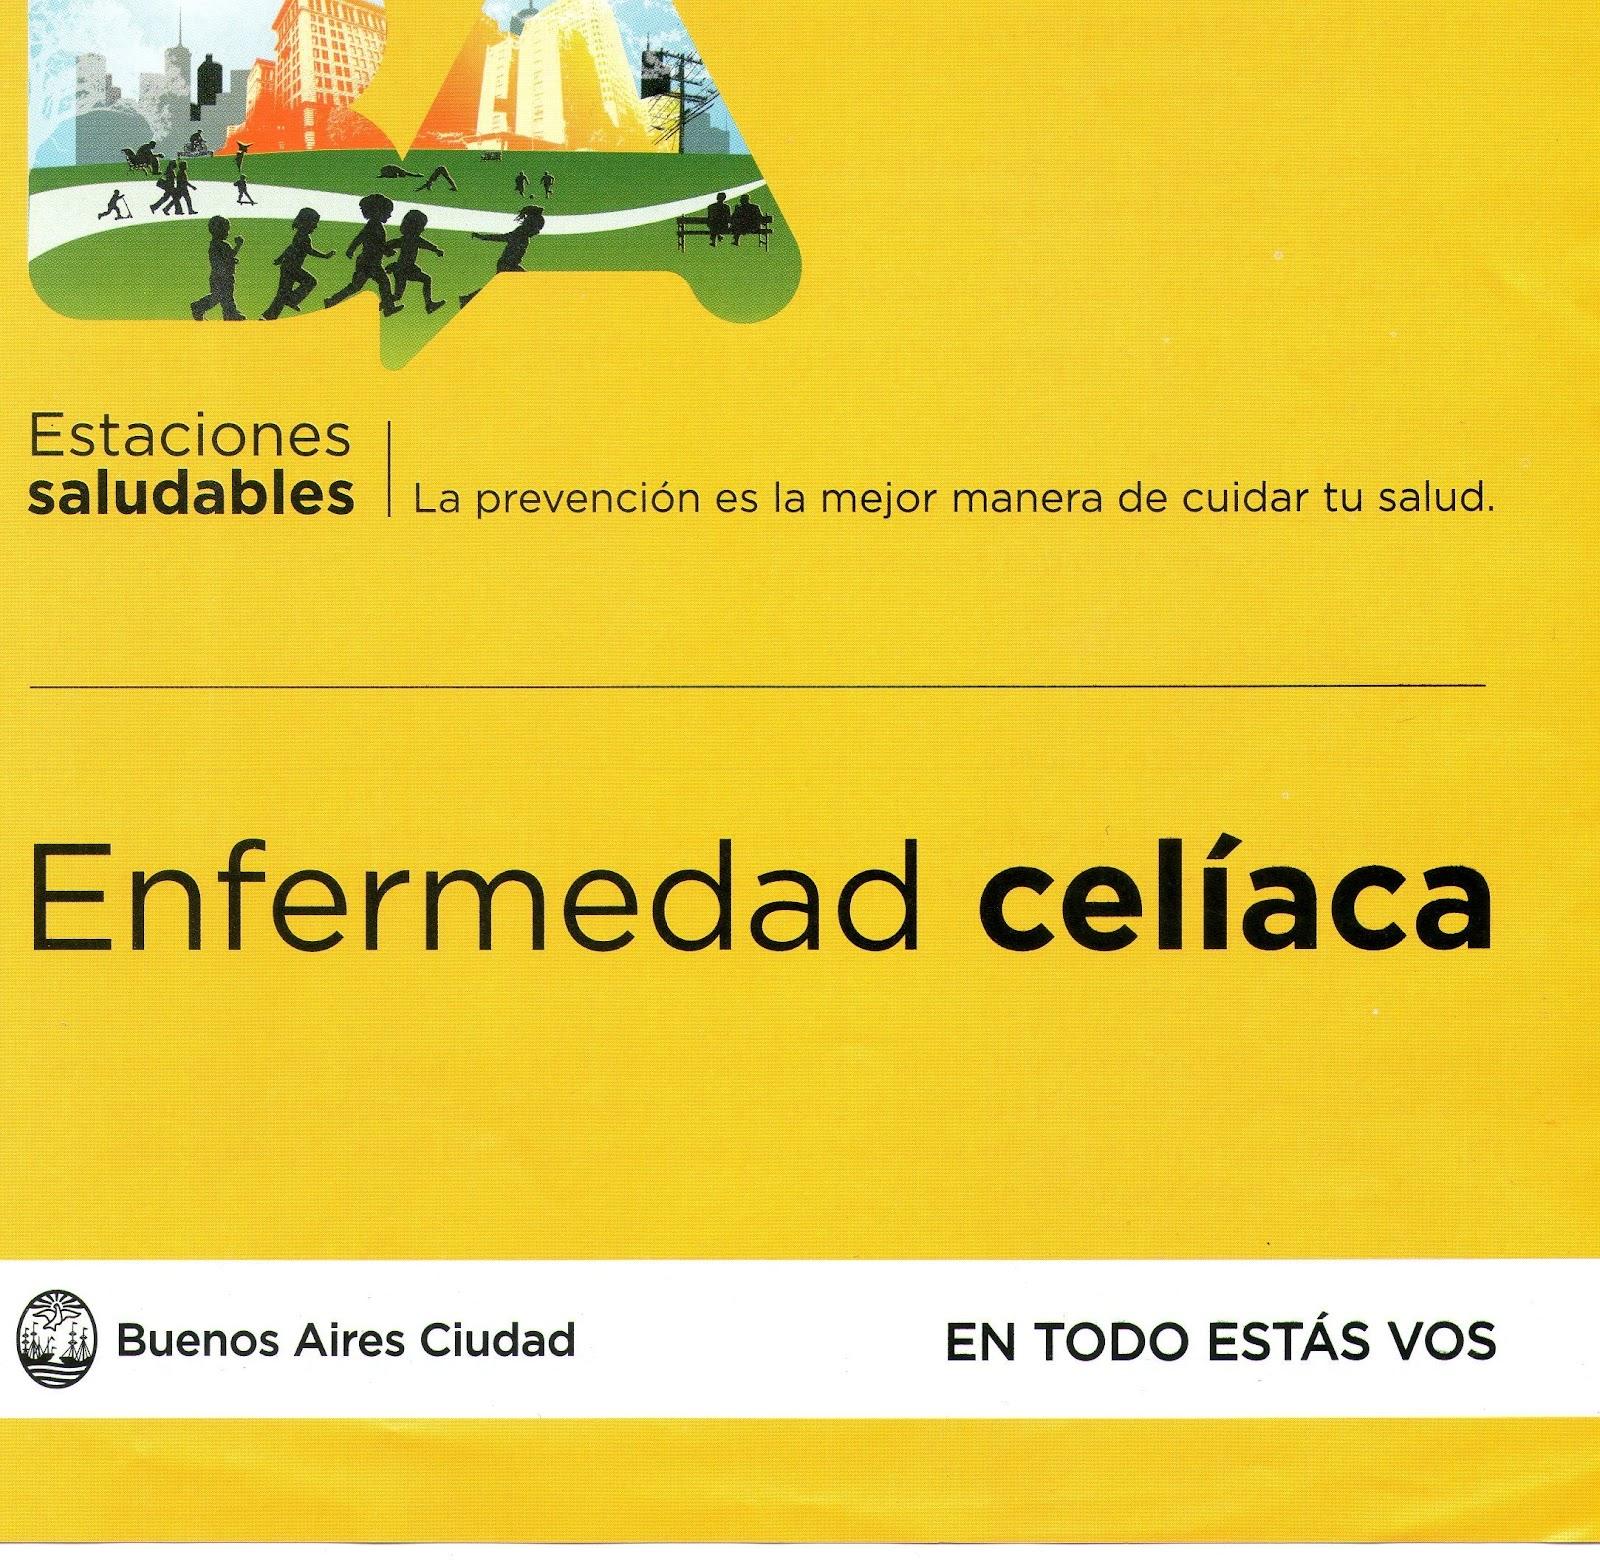 Grupo celiacomania taller de cocina sin gluten for Curso de cocina pdf